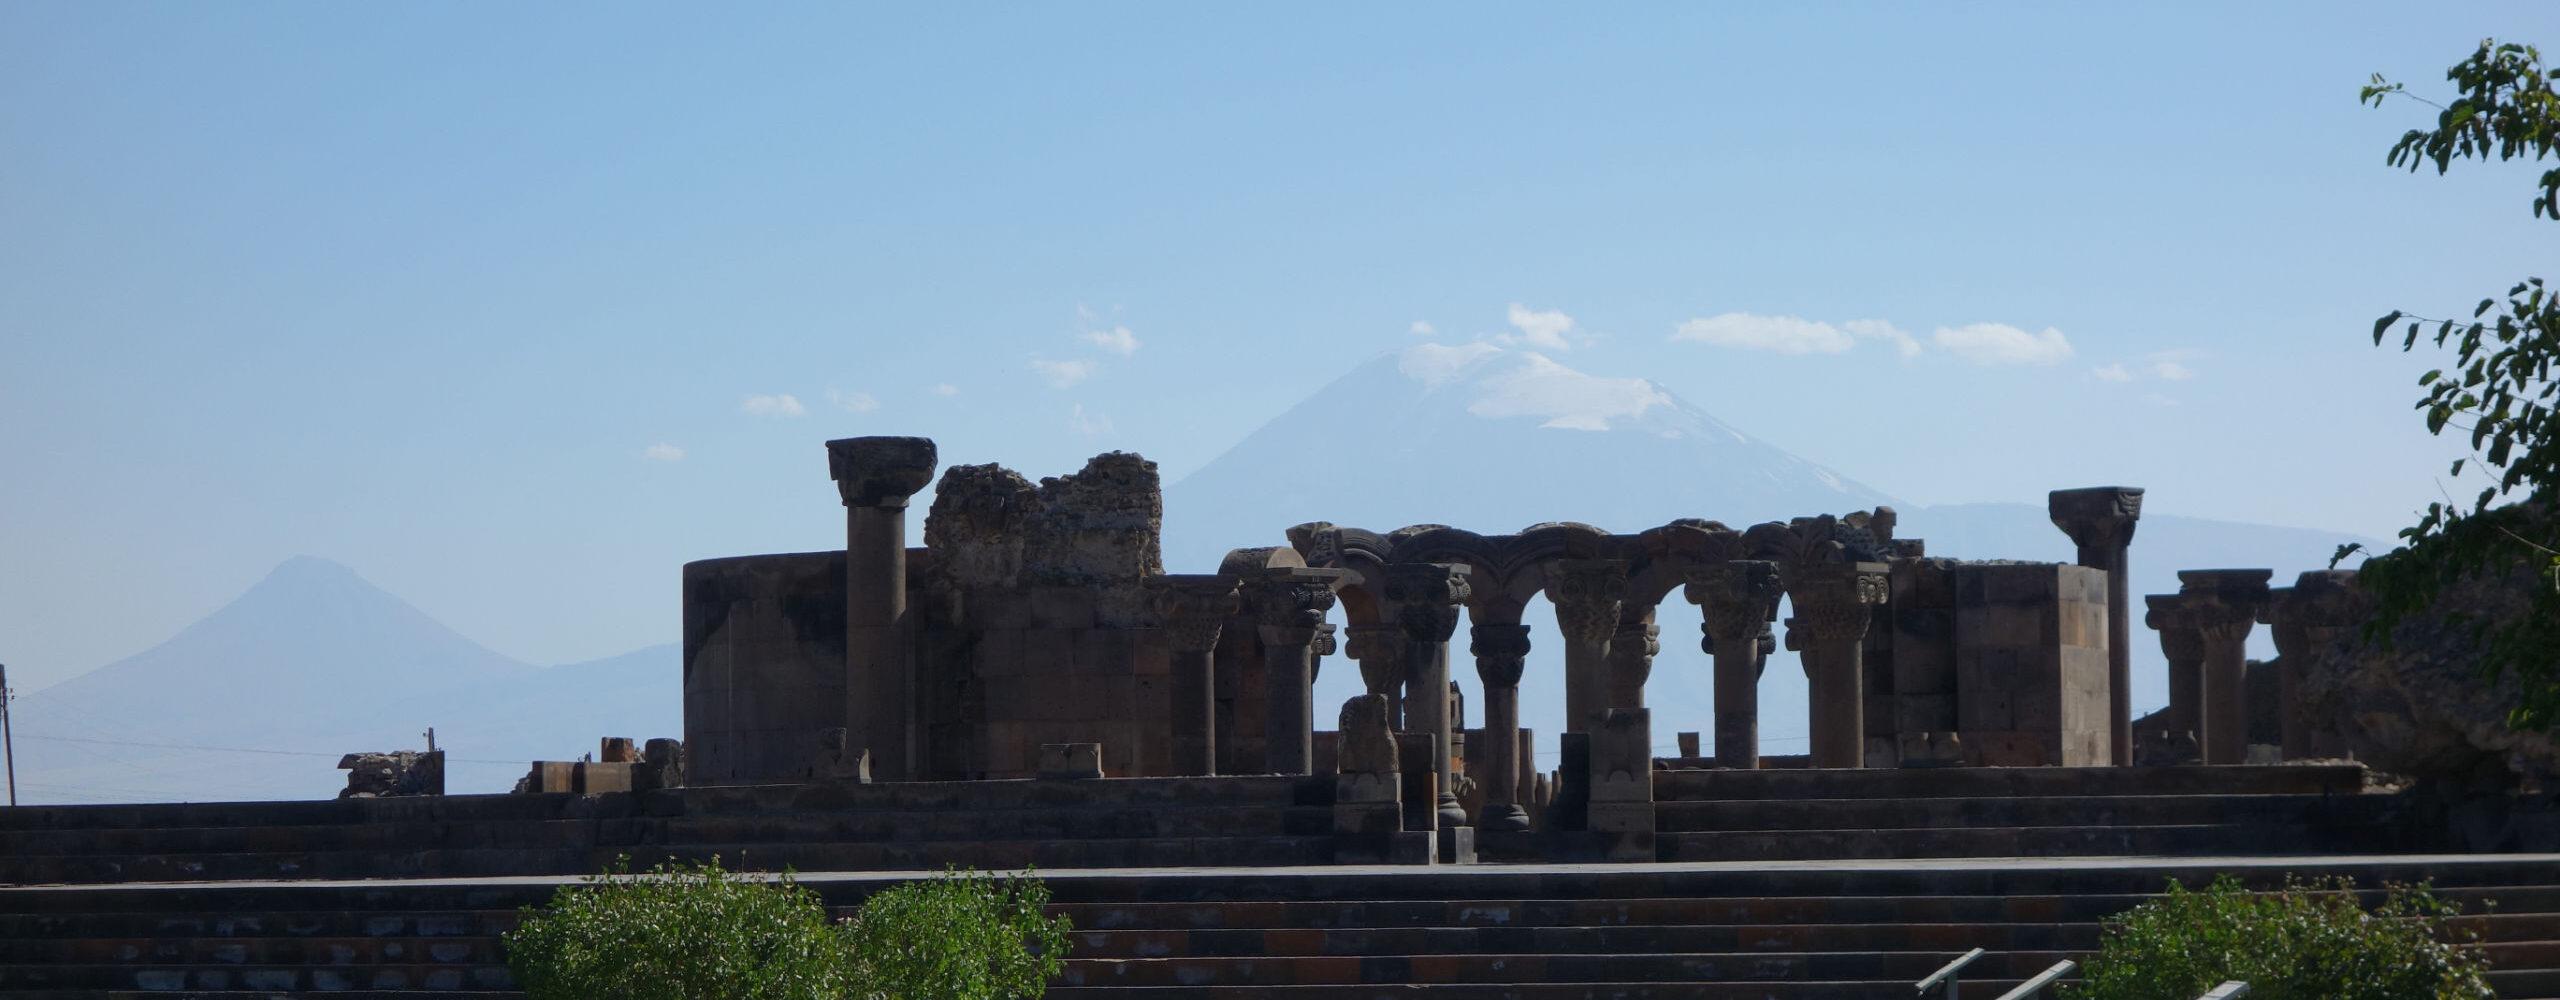 Армения. 1400км наавто. Часть 4. Вагаршапат иокрестности